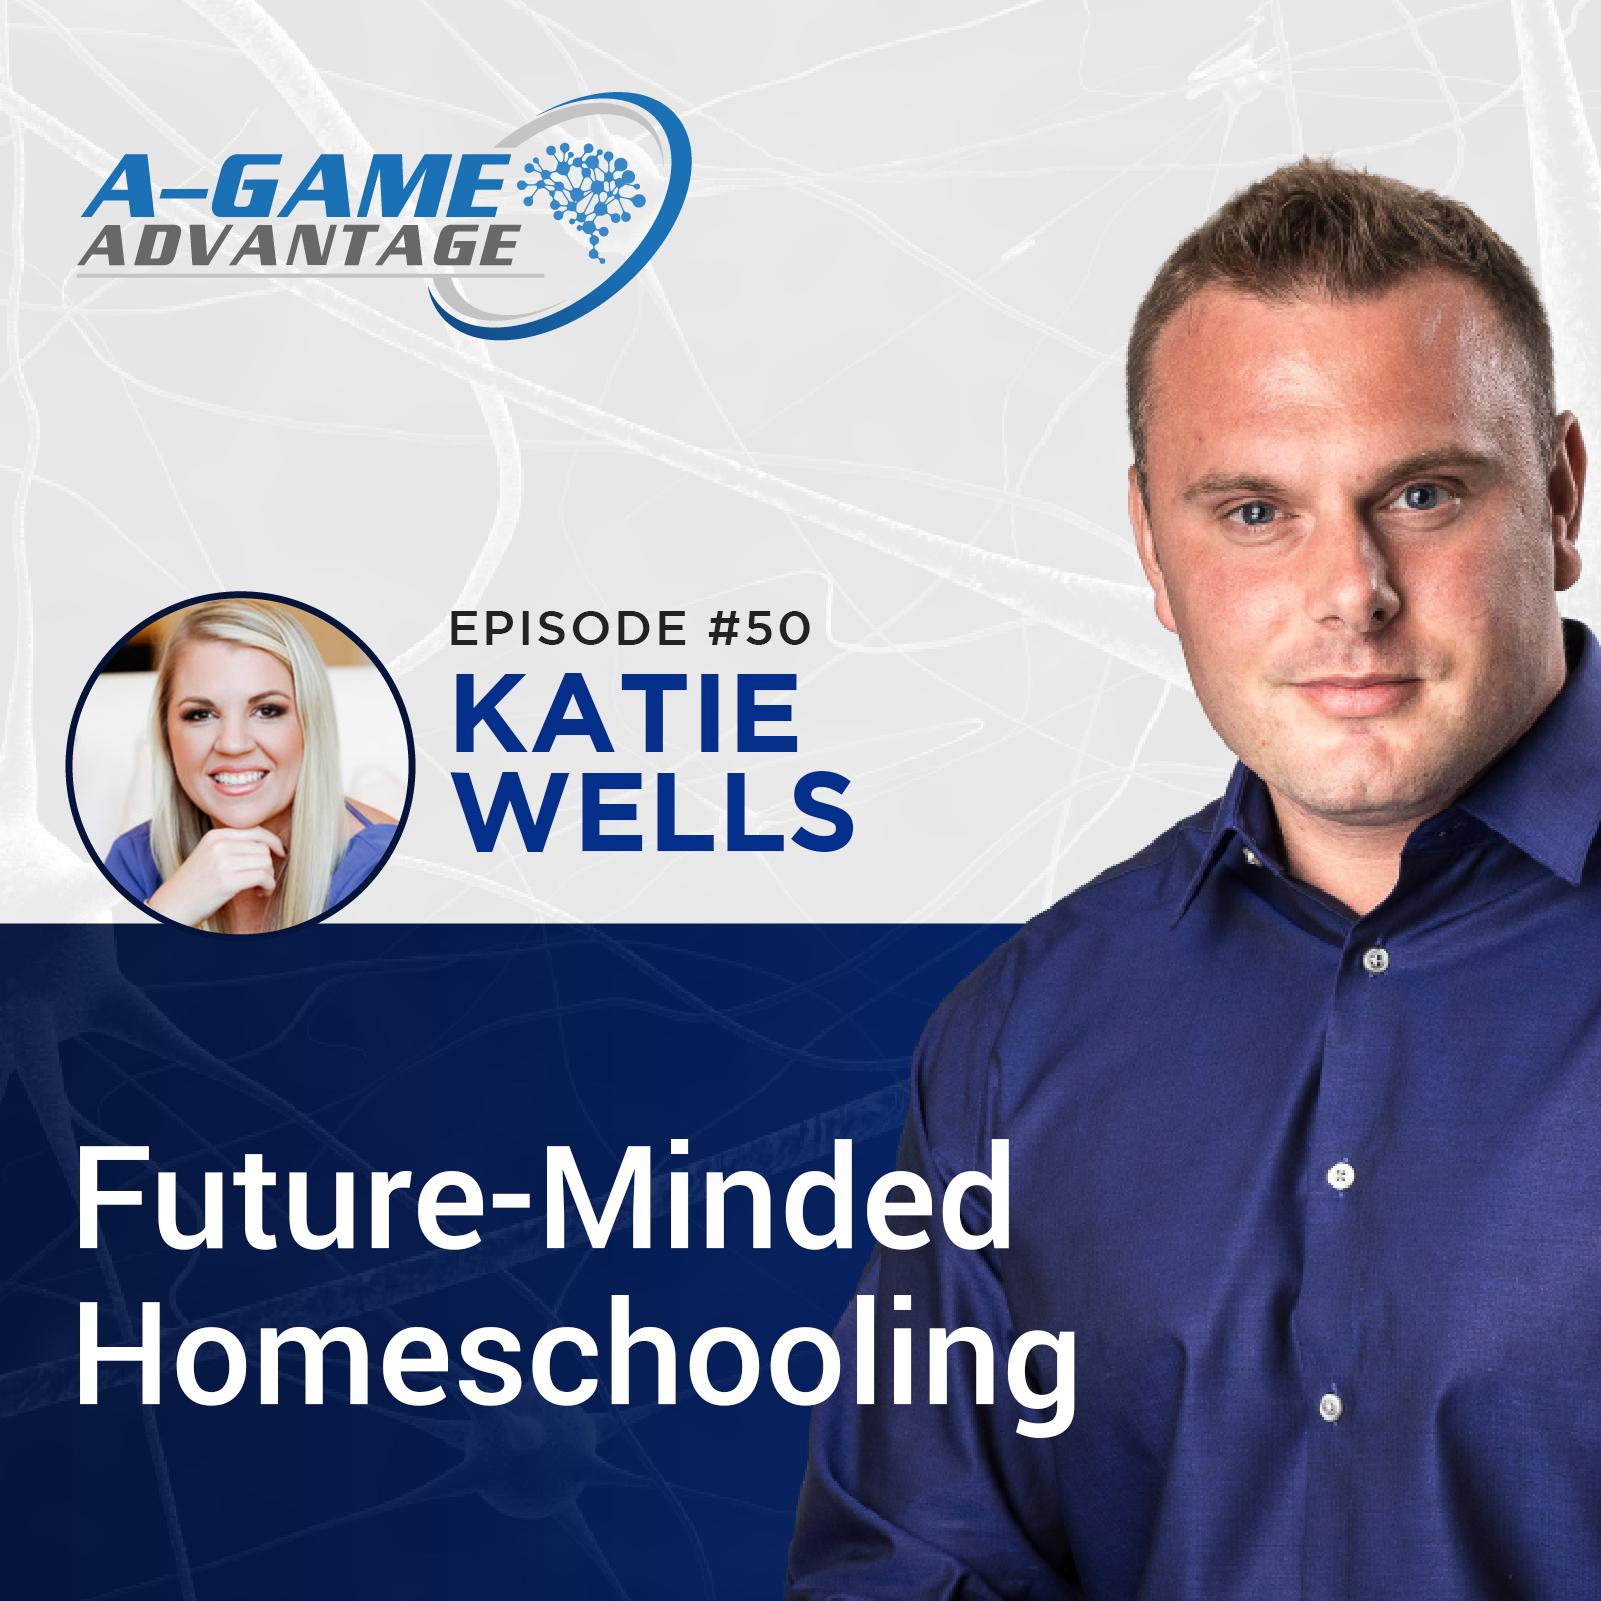 050 - Katie Wells - Future-Minded Homeschooling